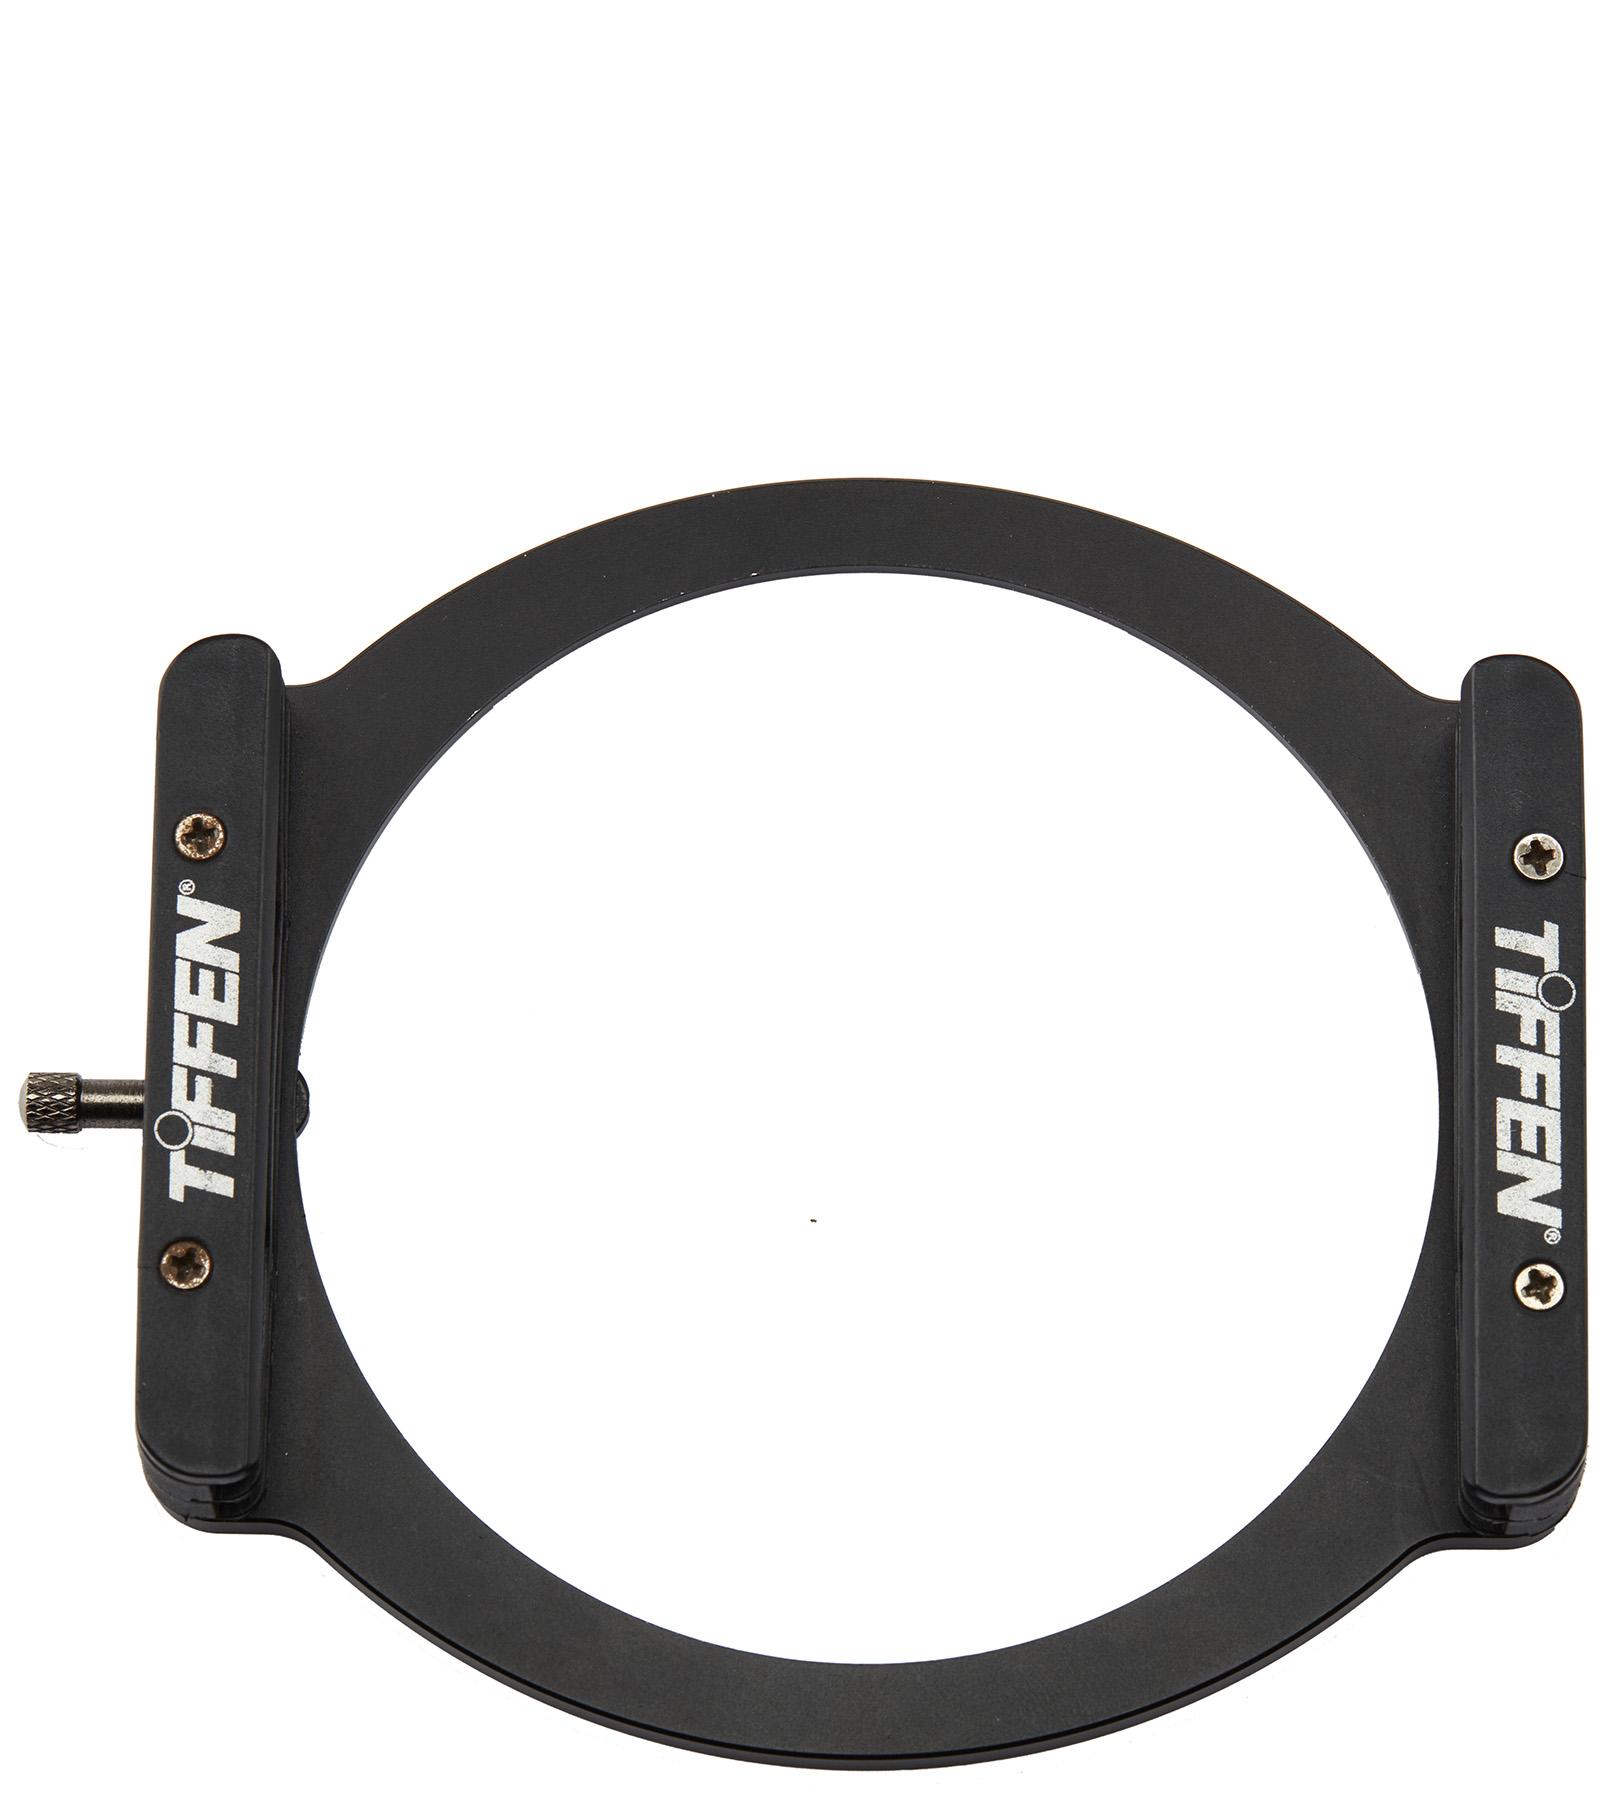 Suporte de filtro 4x4 Tiffen Pro100